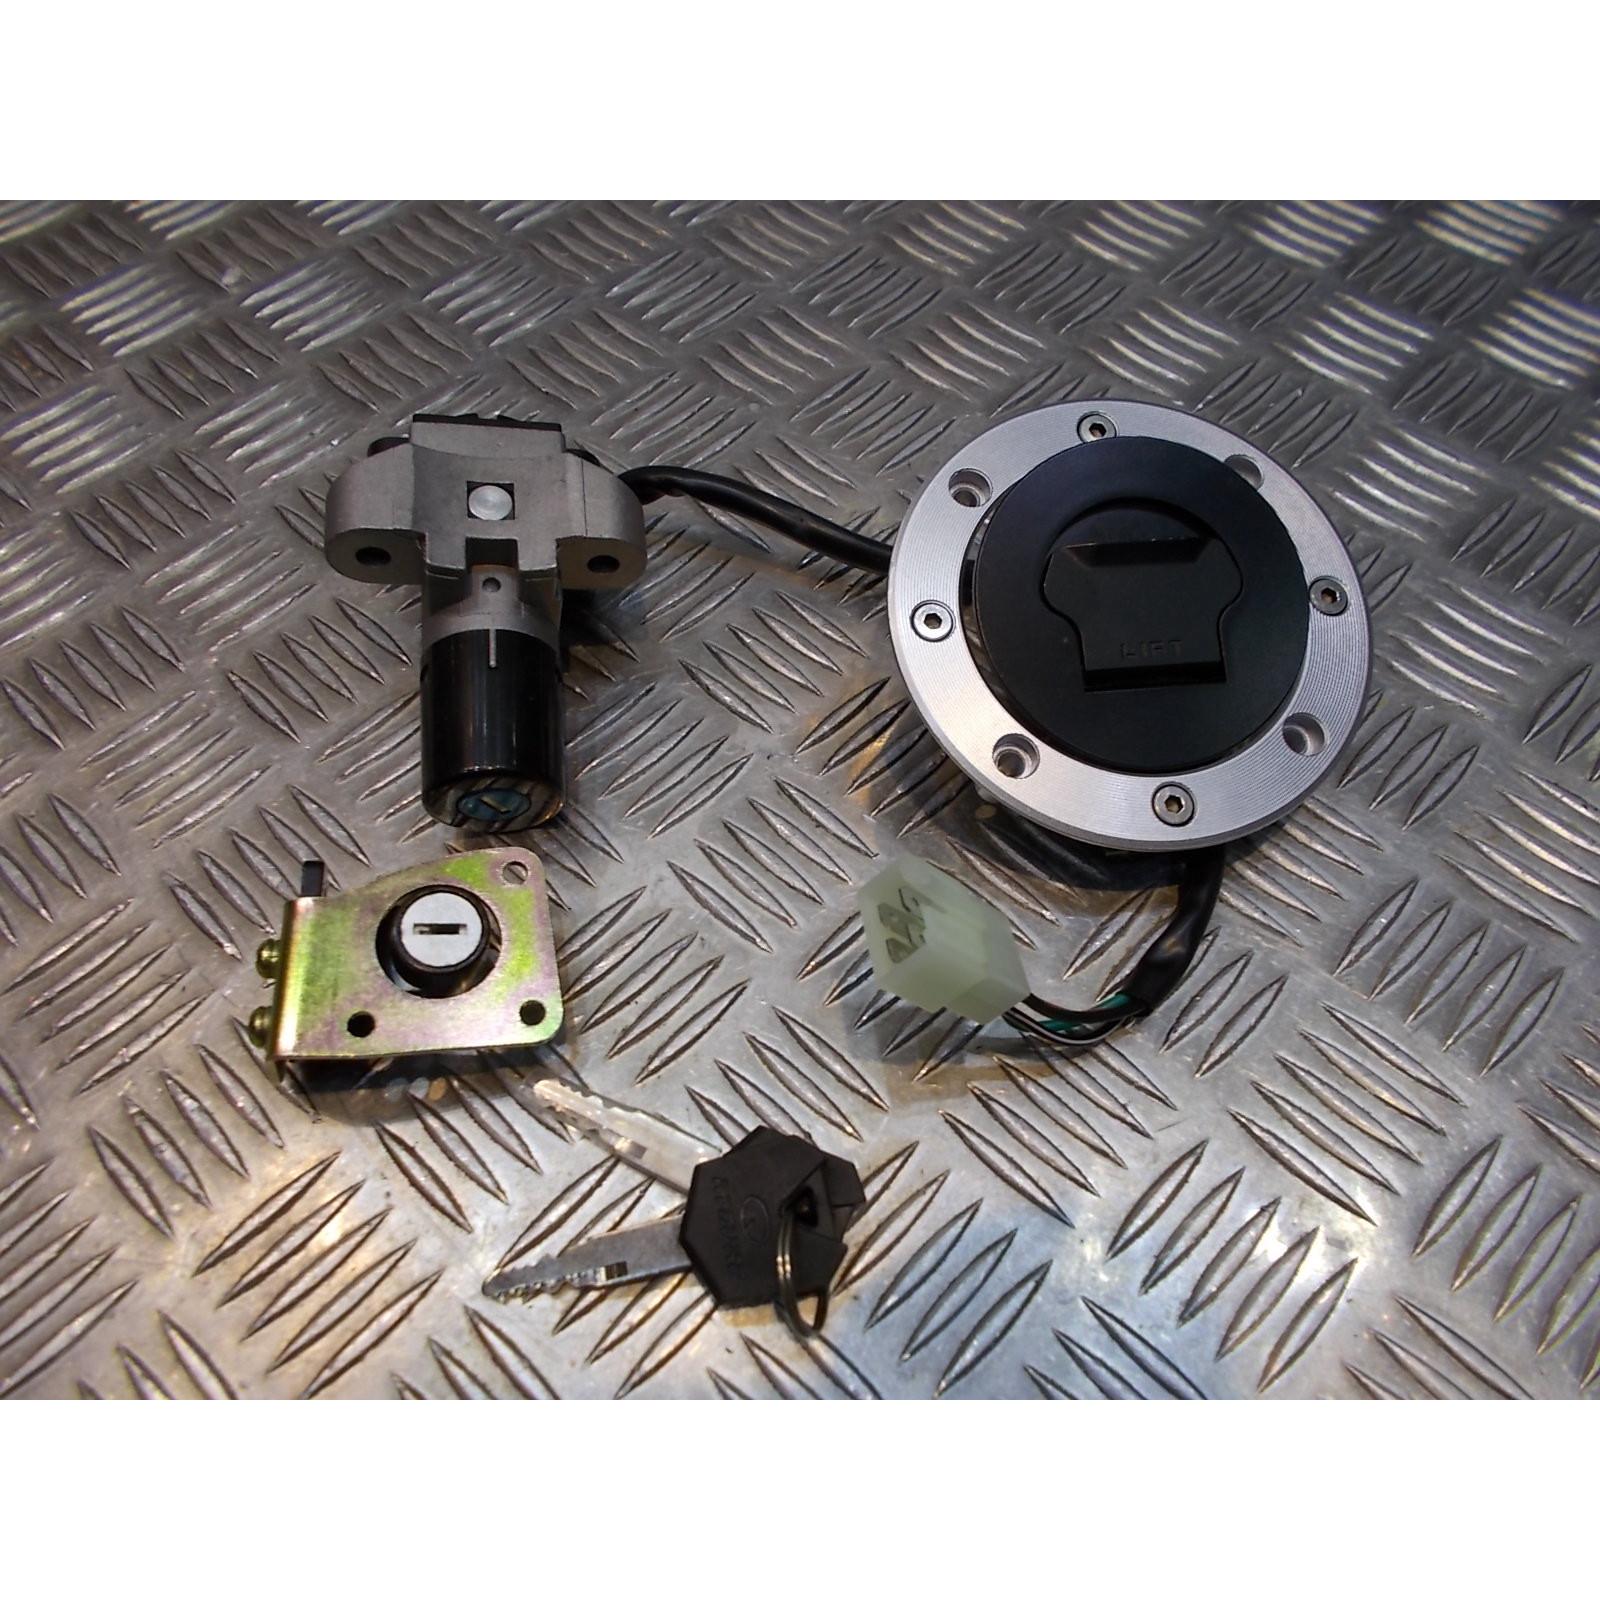 kit neiman contacteur cle serrure bouchon essence moto suzuki gsx 400 gs 500 e f gse gsf gk79a gm51a vttbk232